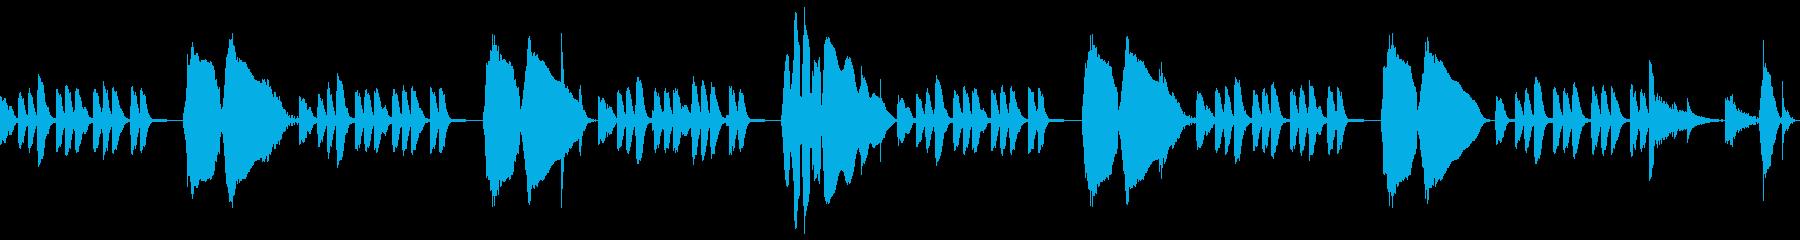 音遊びスチールドラム・トロンボーン生CMの再生済みの波形